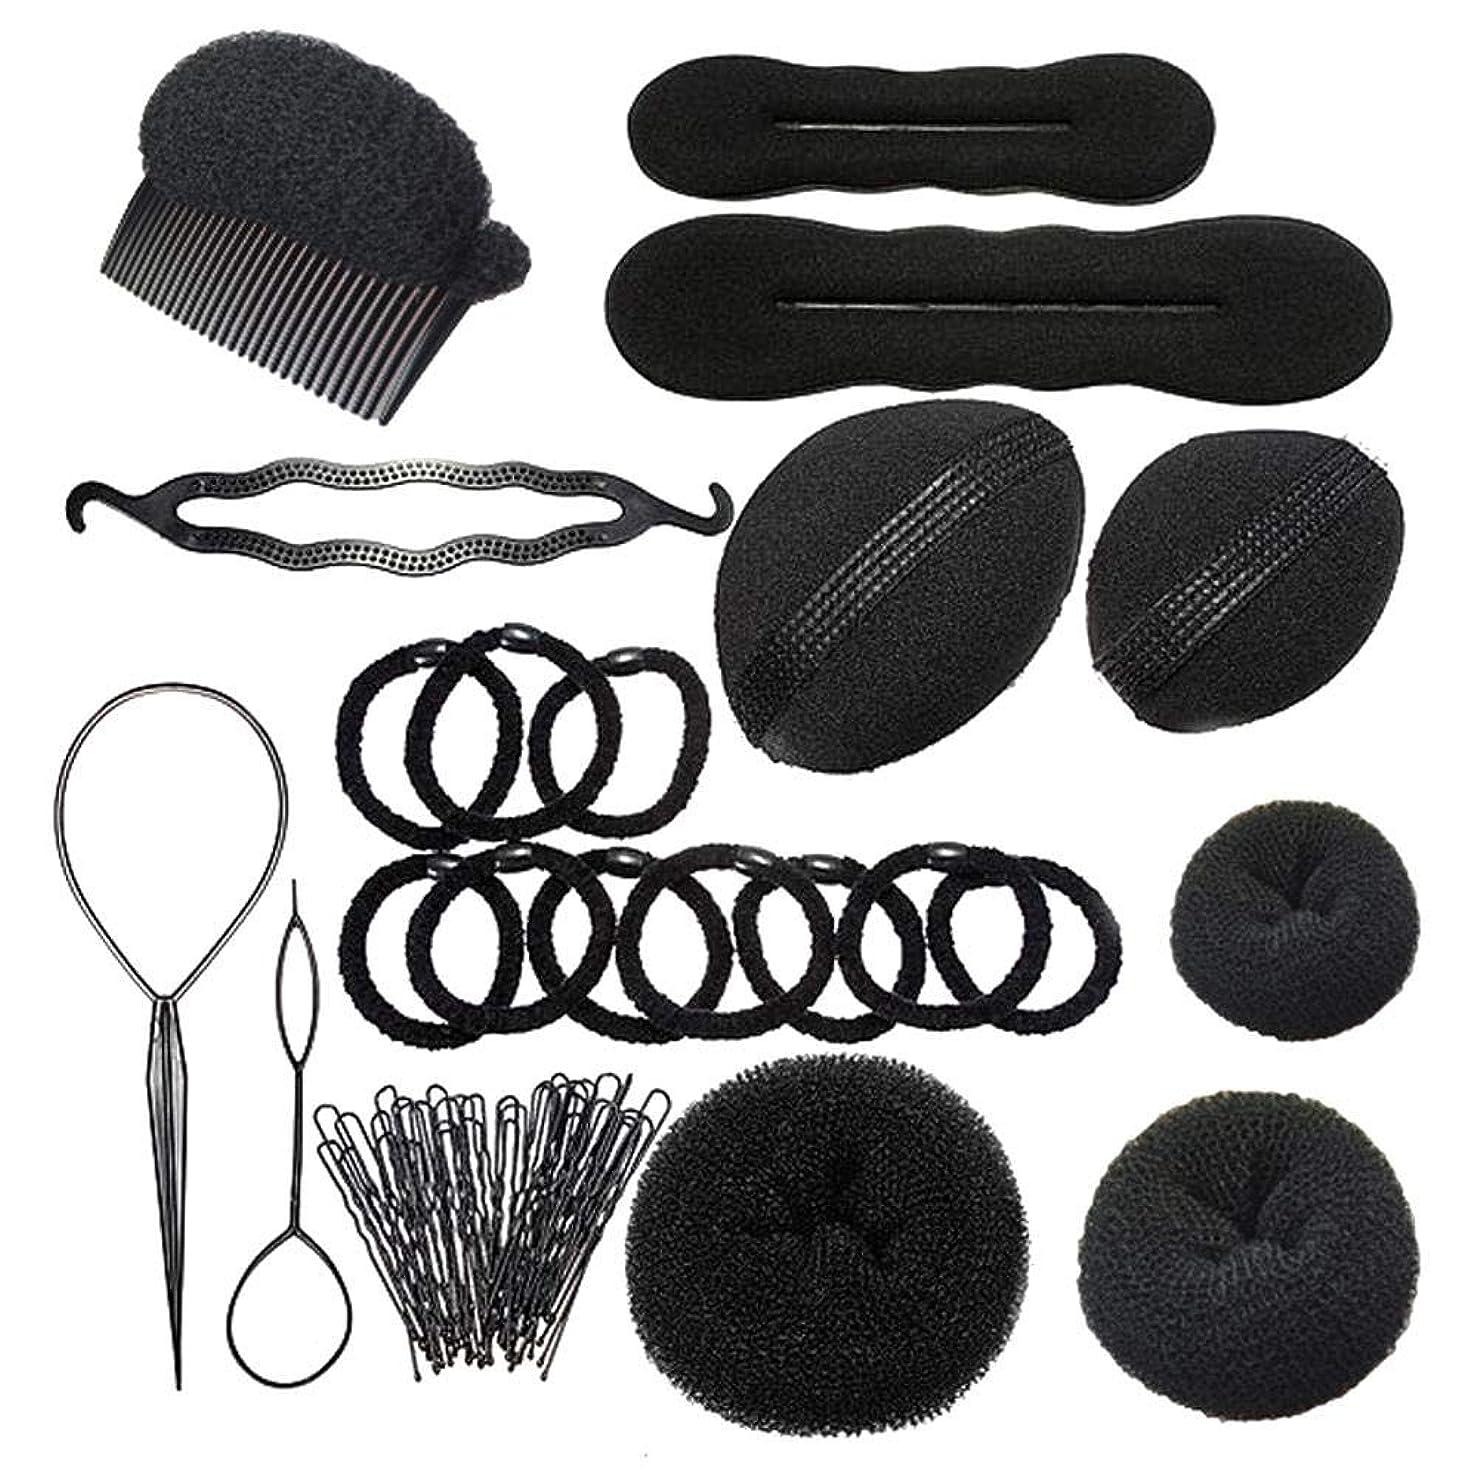 こしょう糸創造理髪ヘッドトレーニングヘッドヘアスタイリングアクセサリーキット